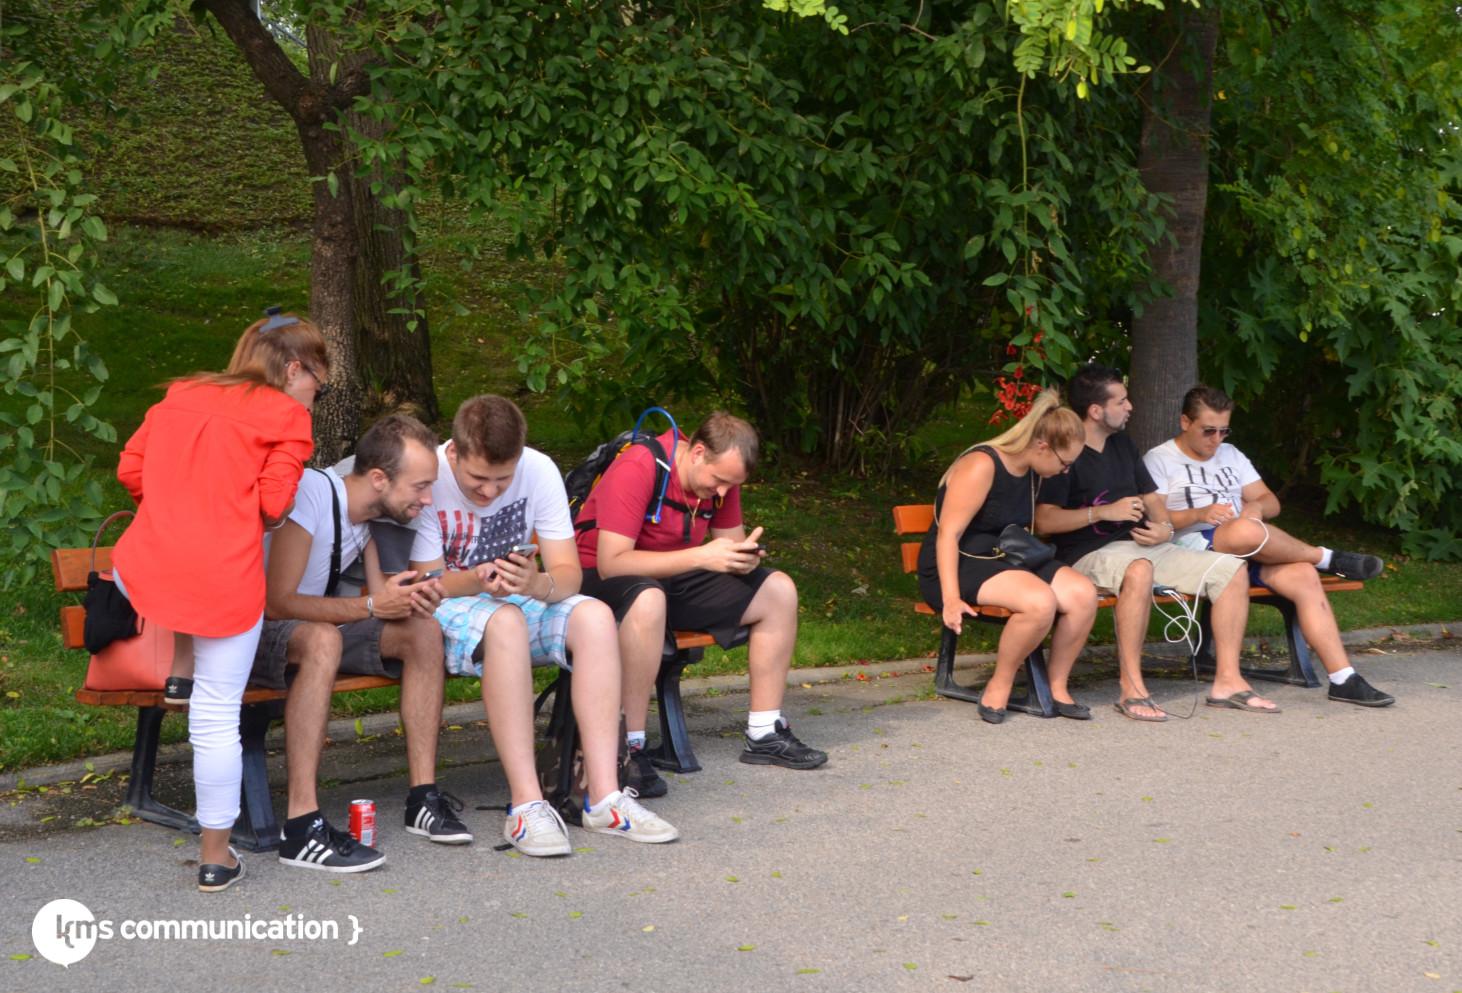 réseaux sociaux photo kmscommunication